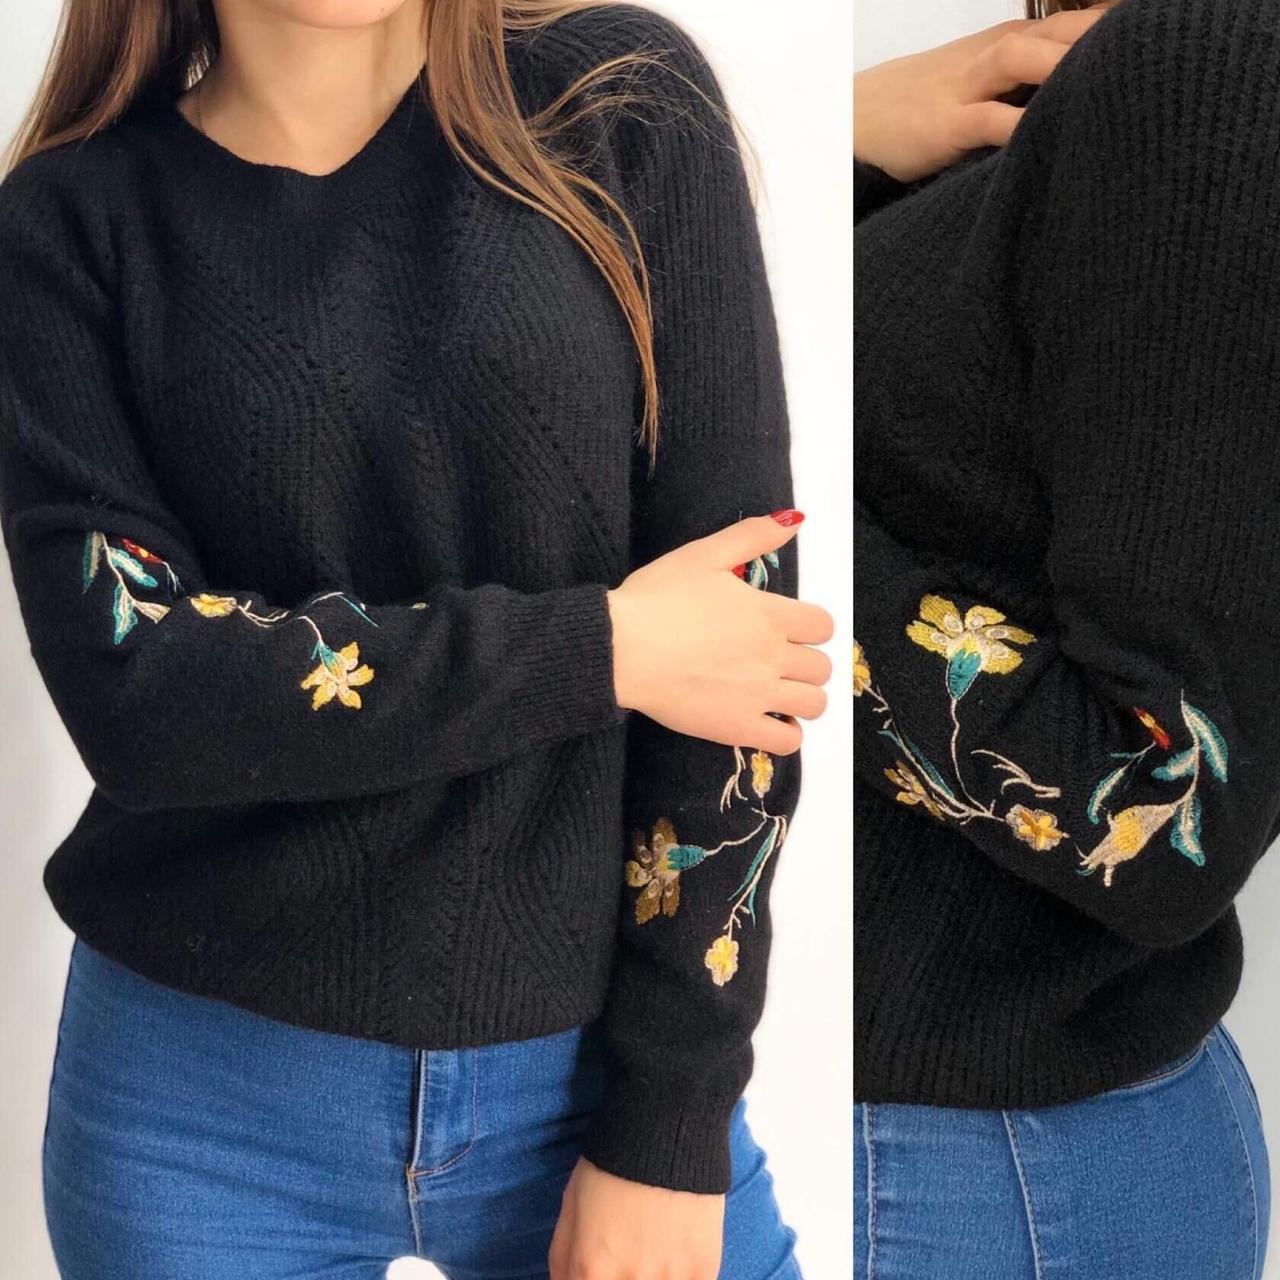 """Трендовый женский свитер с орнаментом-вышивкой """"Вязаный"""" 48 размер"""